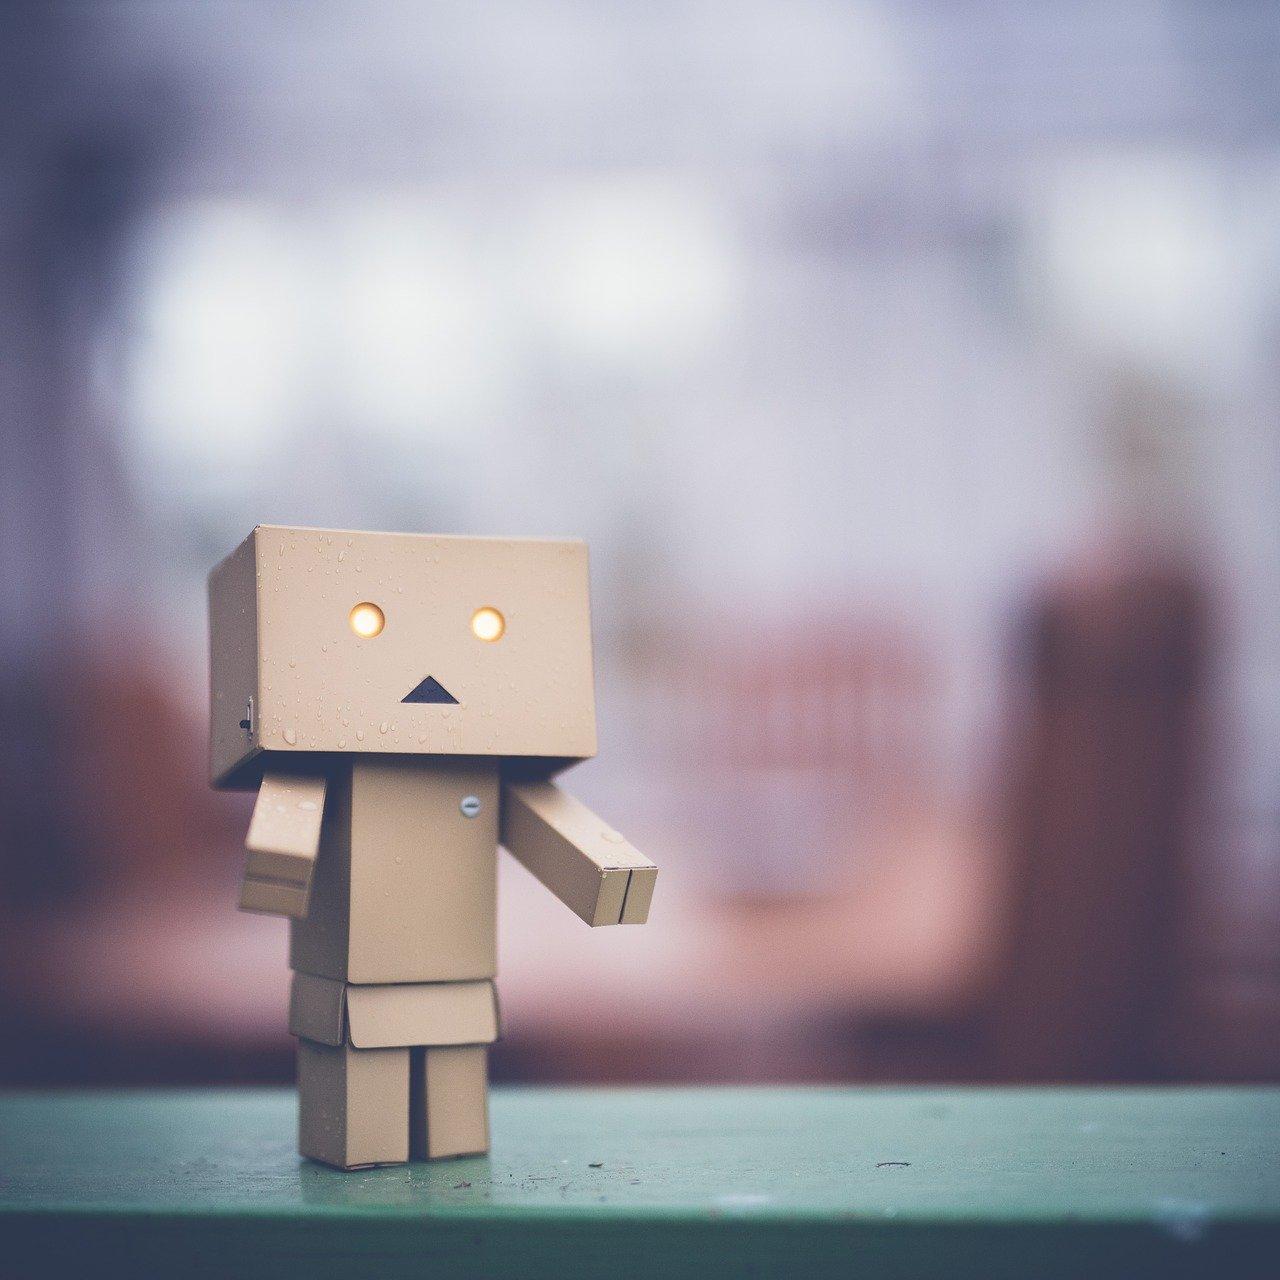 Construire un robot - à partir de 8 ans |